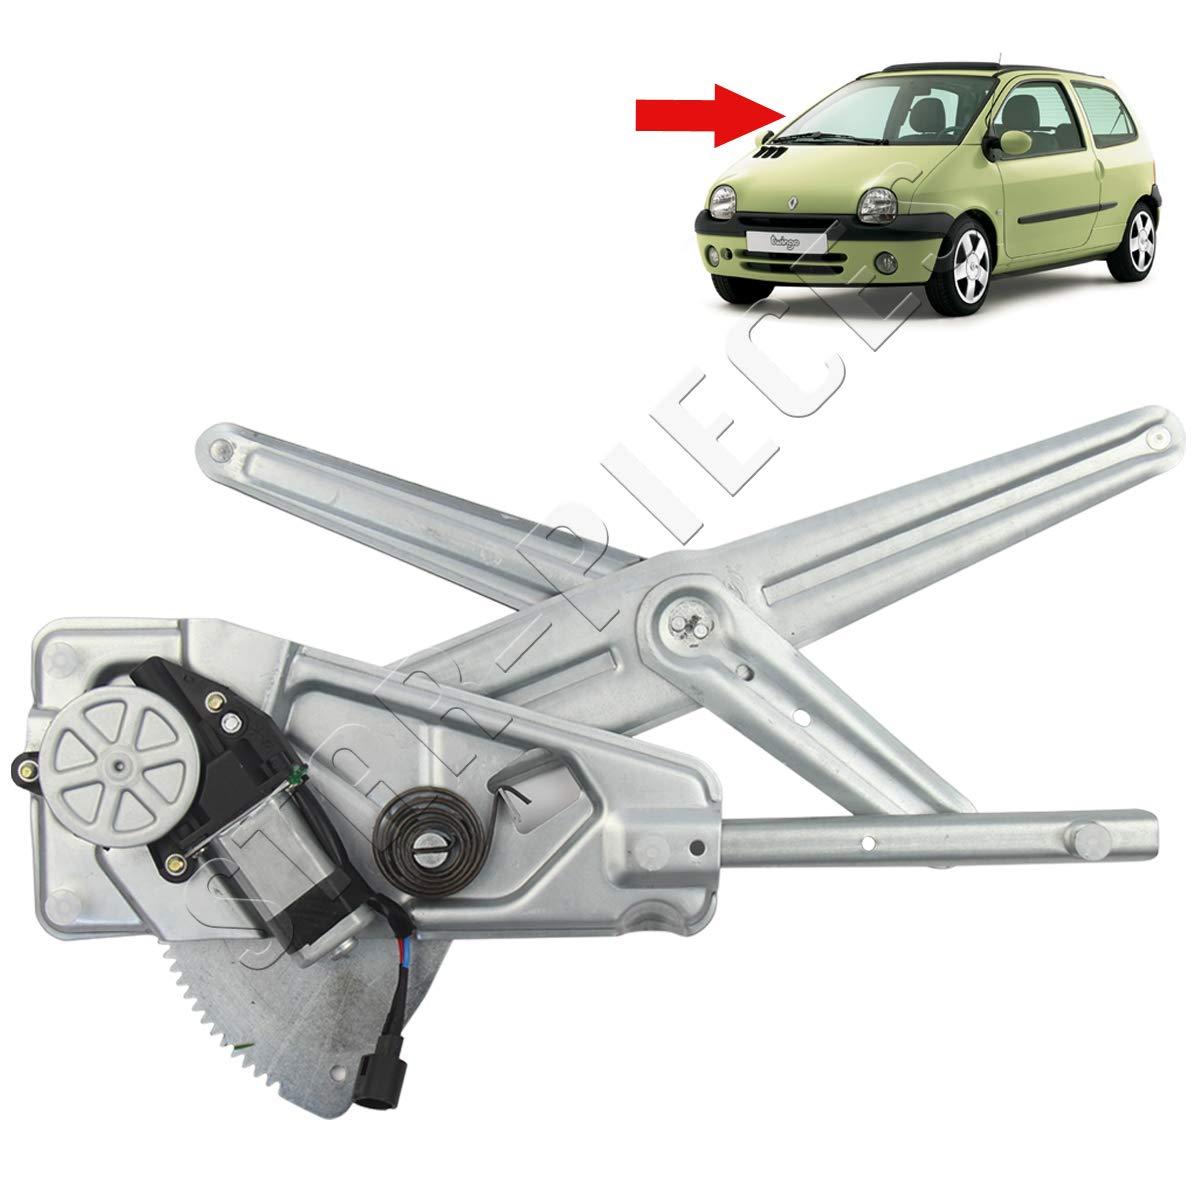 STARKIT PERFORMANCEFensterheber Elektrisch Vornes Rechts mit Motor f/ür Renault Twingo 1 von 1993 bis 2007.